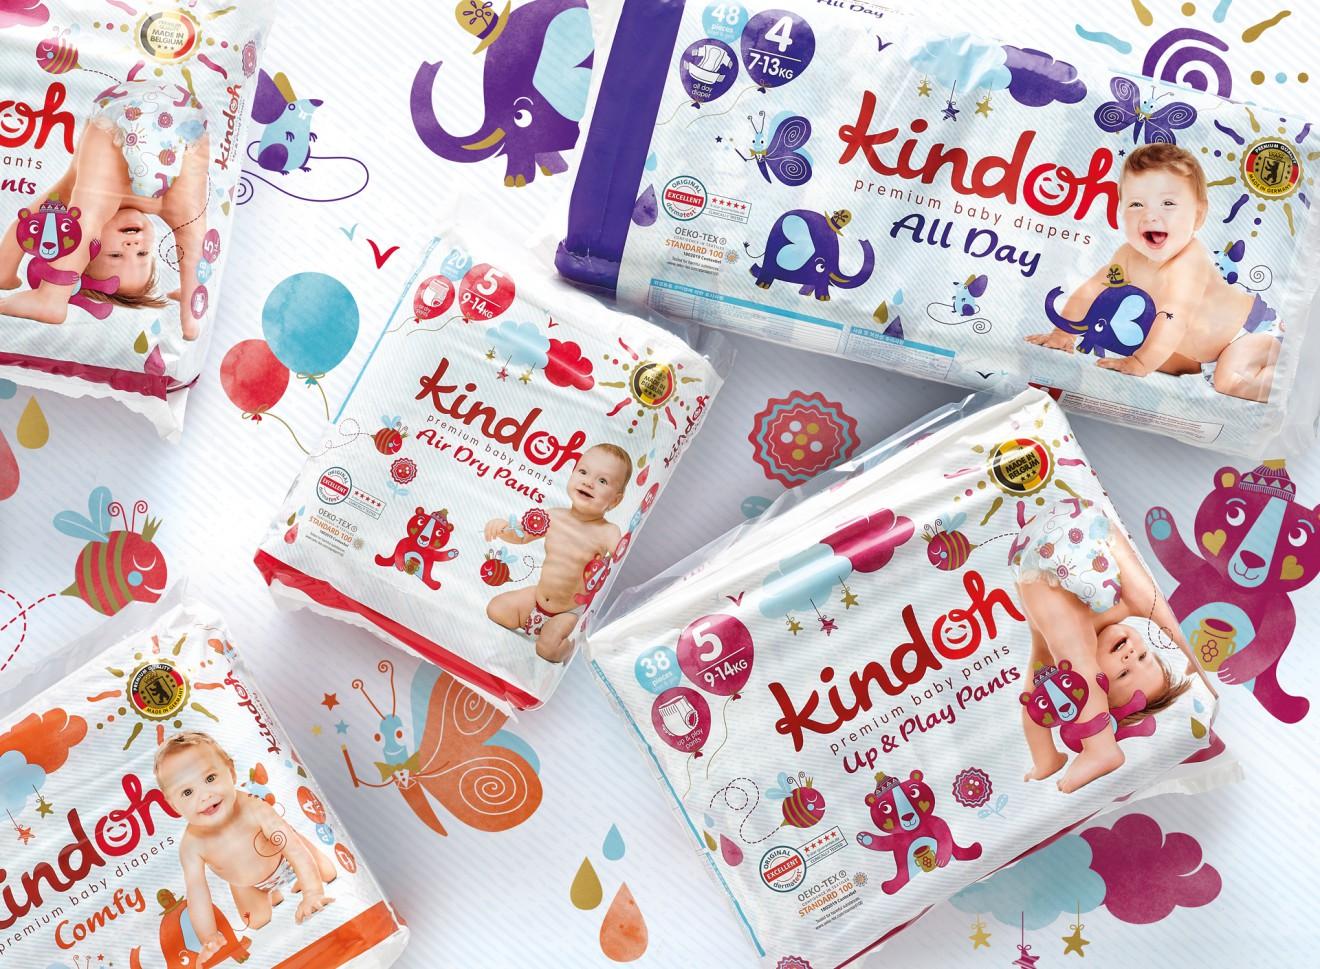 Quatre Mains package design - baby, care products, kindoh, quatre mains